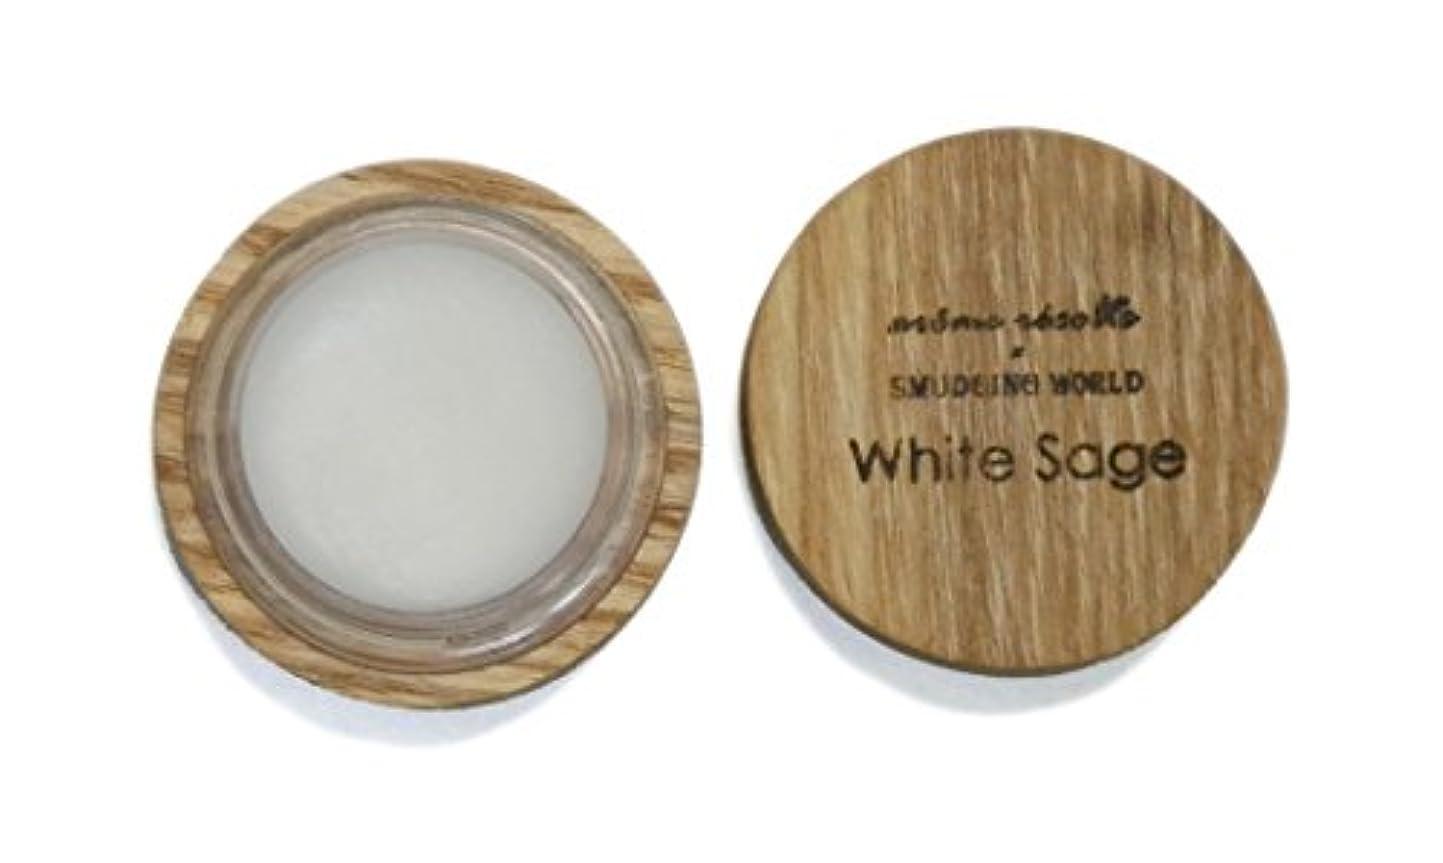 役立つ粘液言い換えるとアロマレコルト ソリッドパフューム ホワイトセージ 【White Sage】オーガニック エッセンシャルオイル organic essential oil solid parfum arome recolte